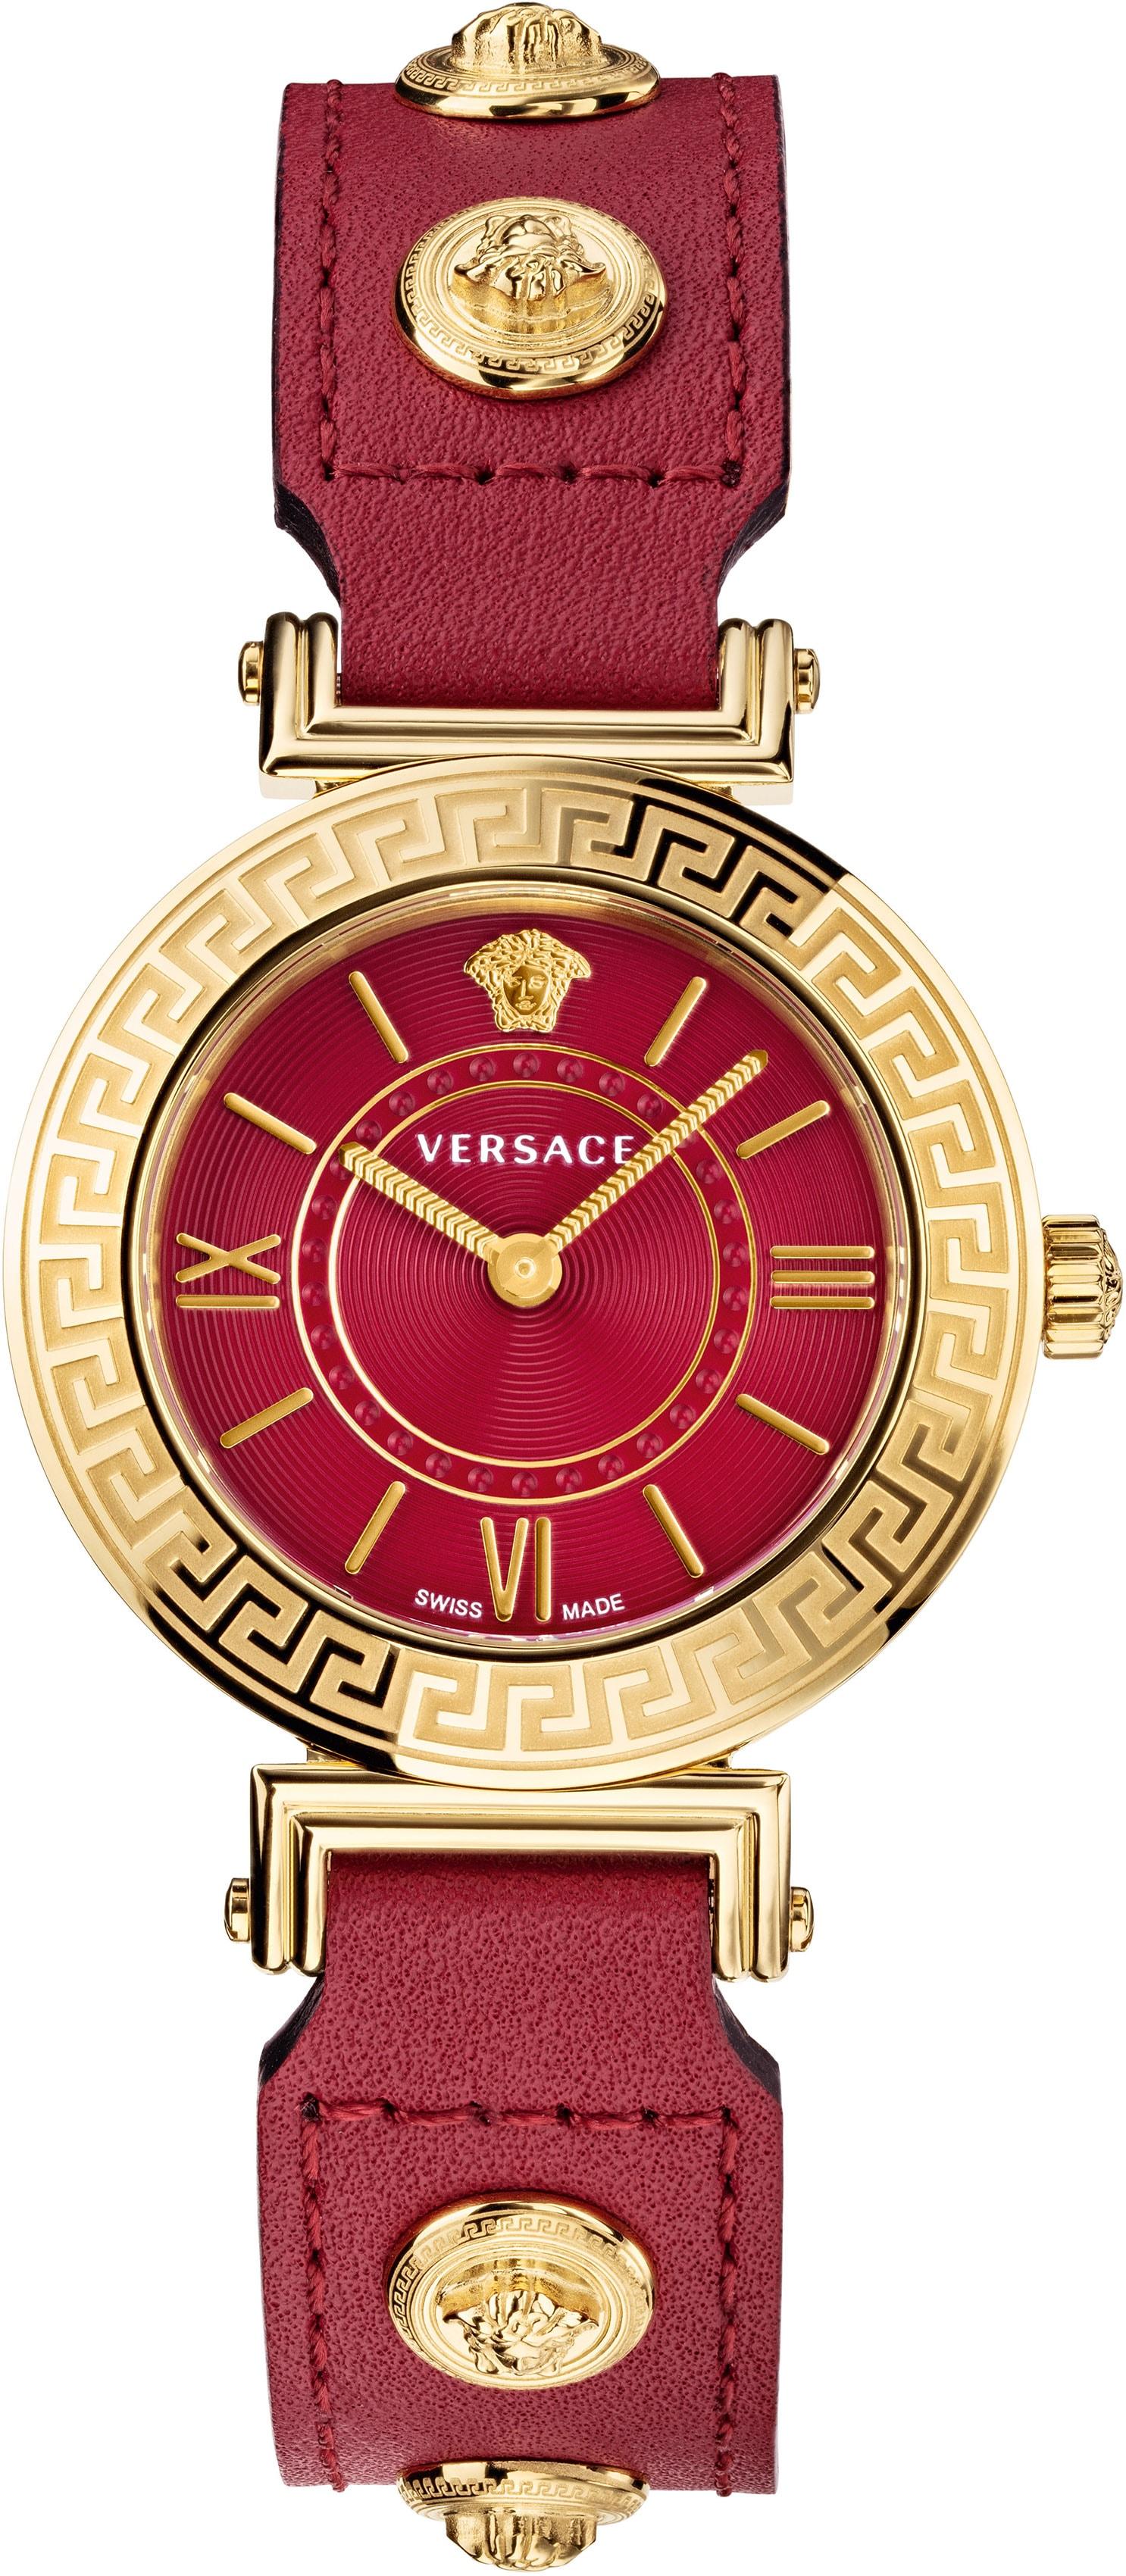 Versace Schweizer Uhr Tribute, VEVG00620   Uhren > Schweizer Uhren   Versace